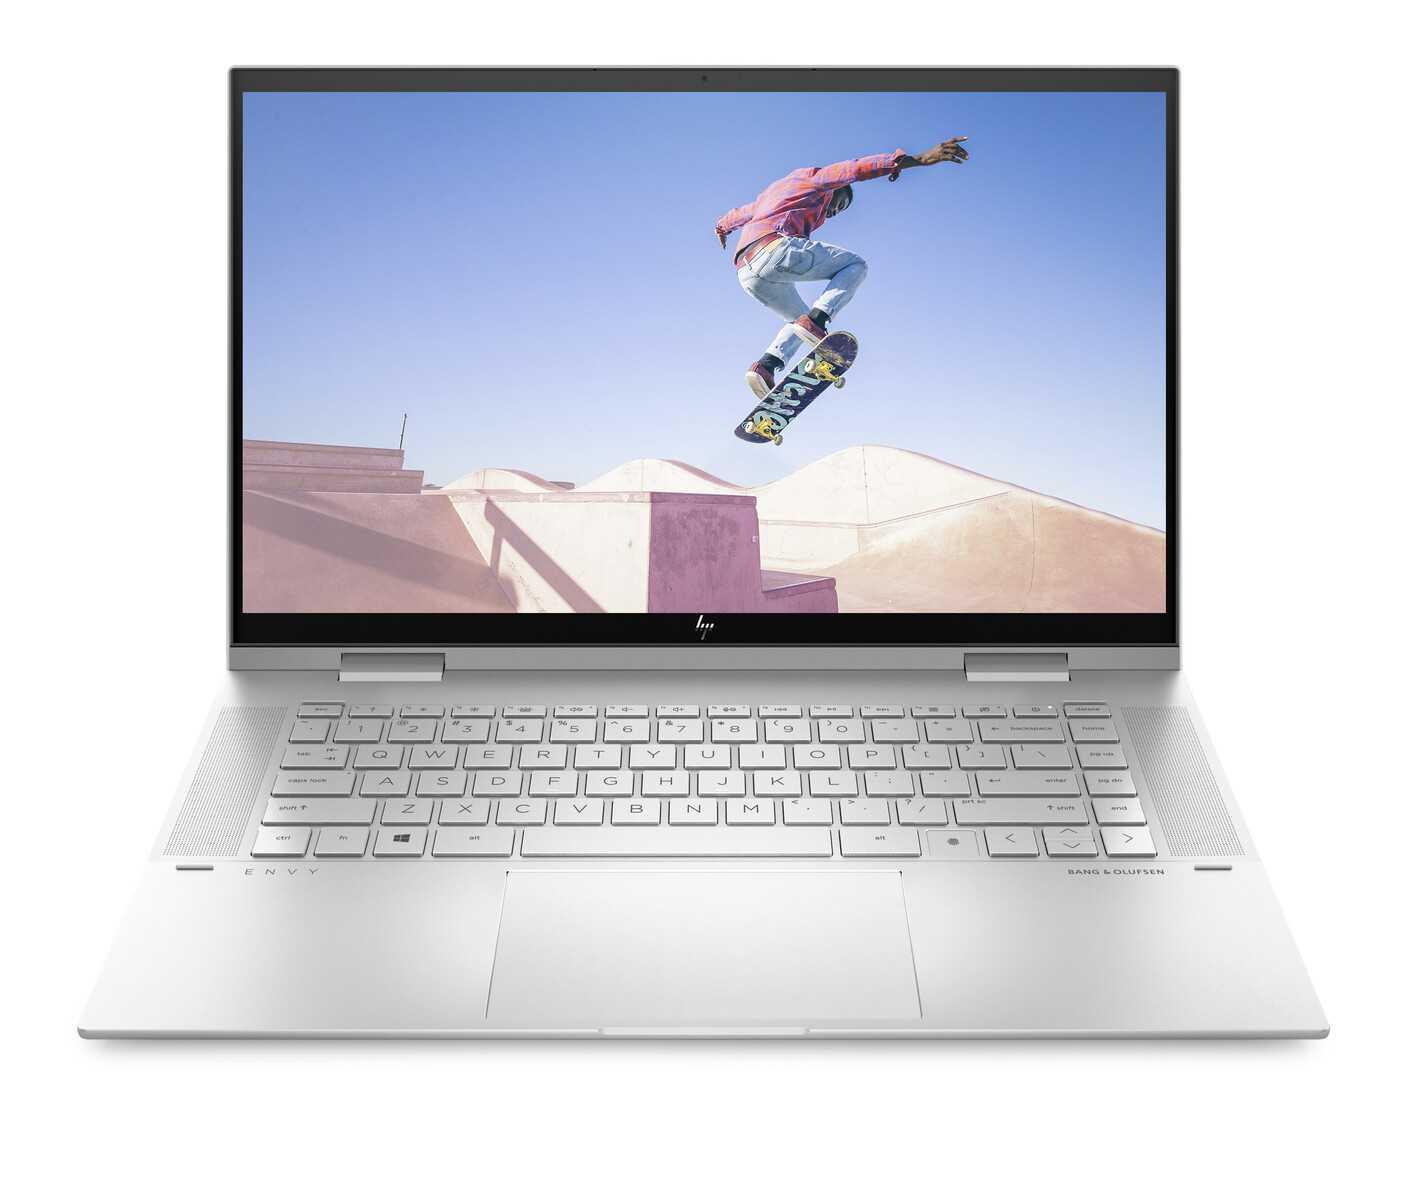 Новинки в бюджетной линейке ноутбуков HP: i7, Ryzen 7 5700U и до 32 ГБ RAM ()